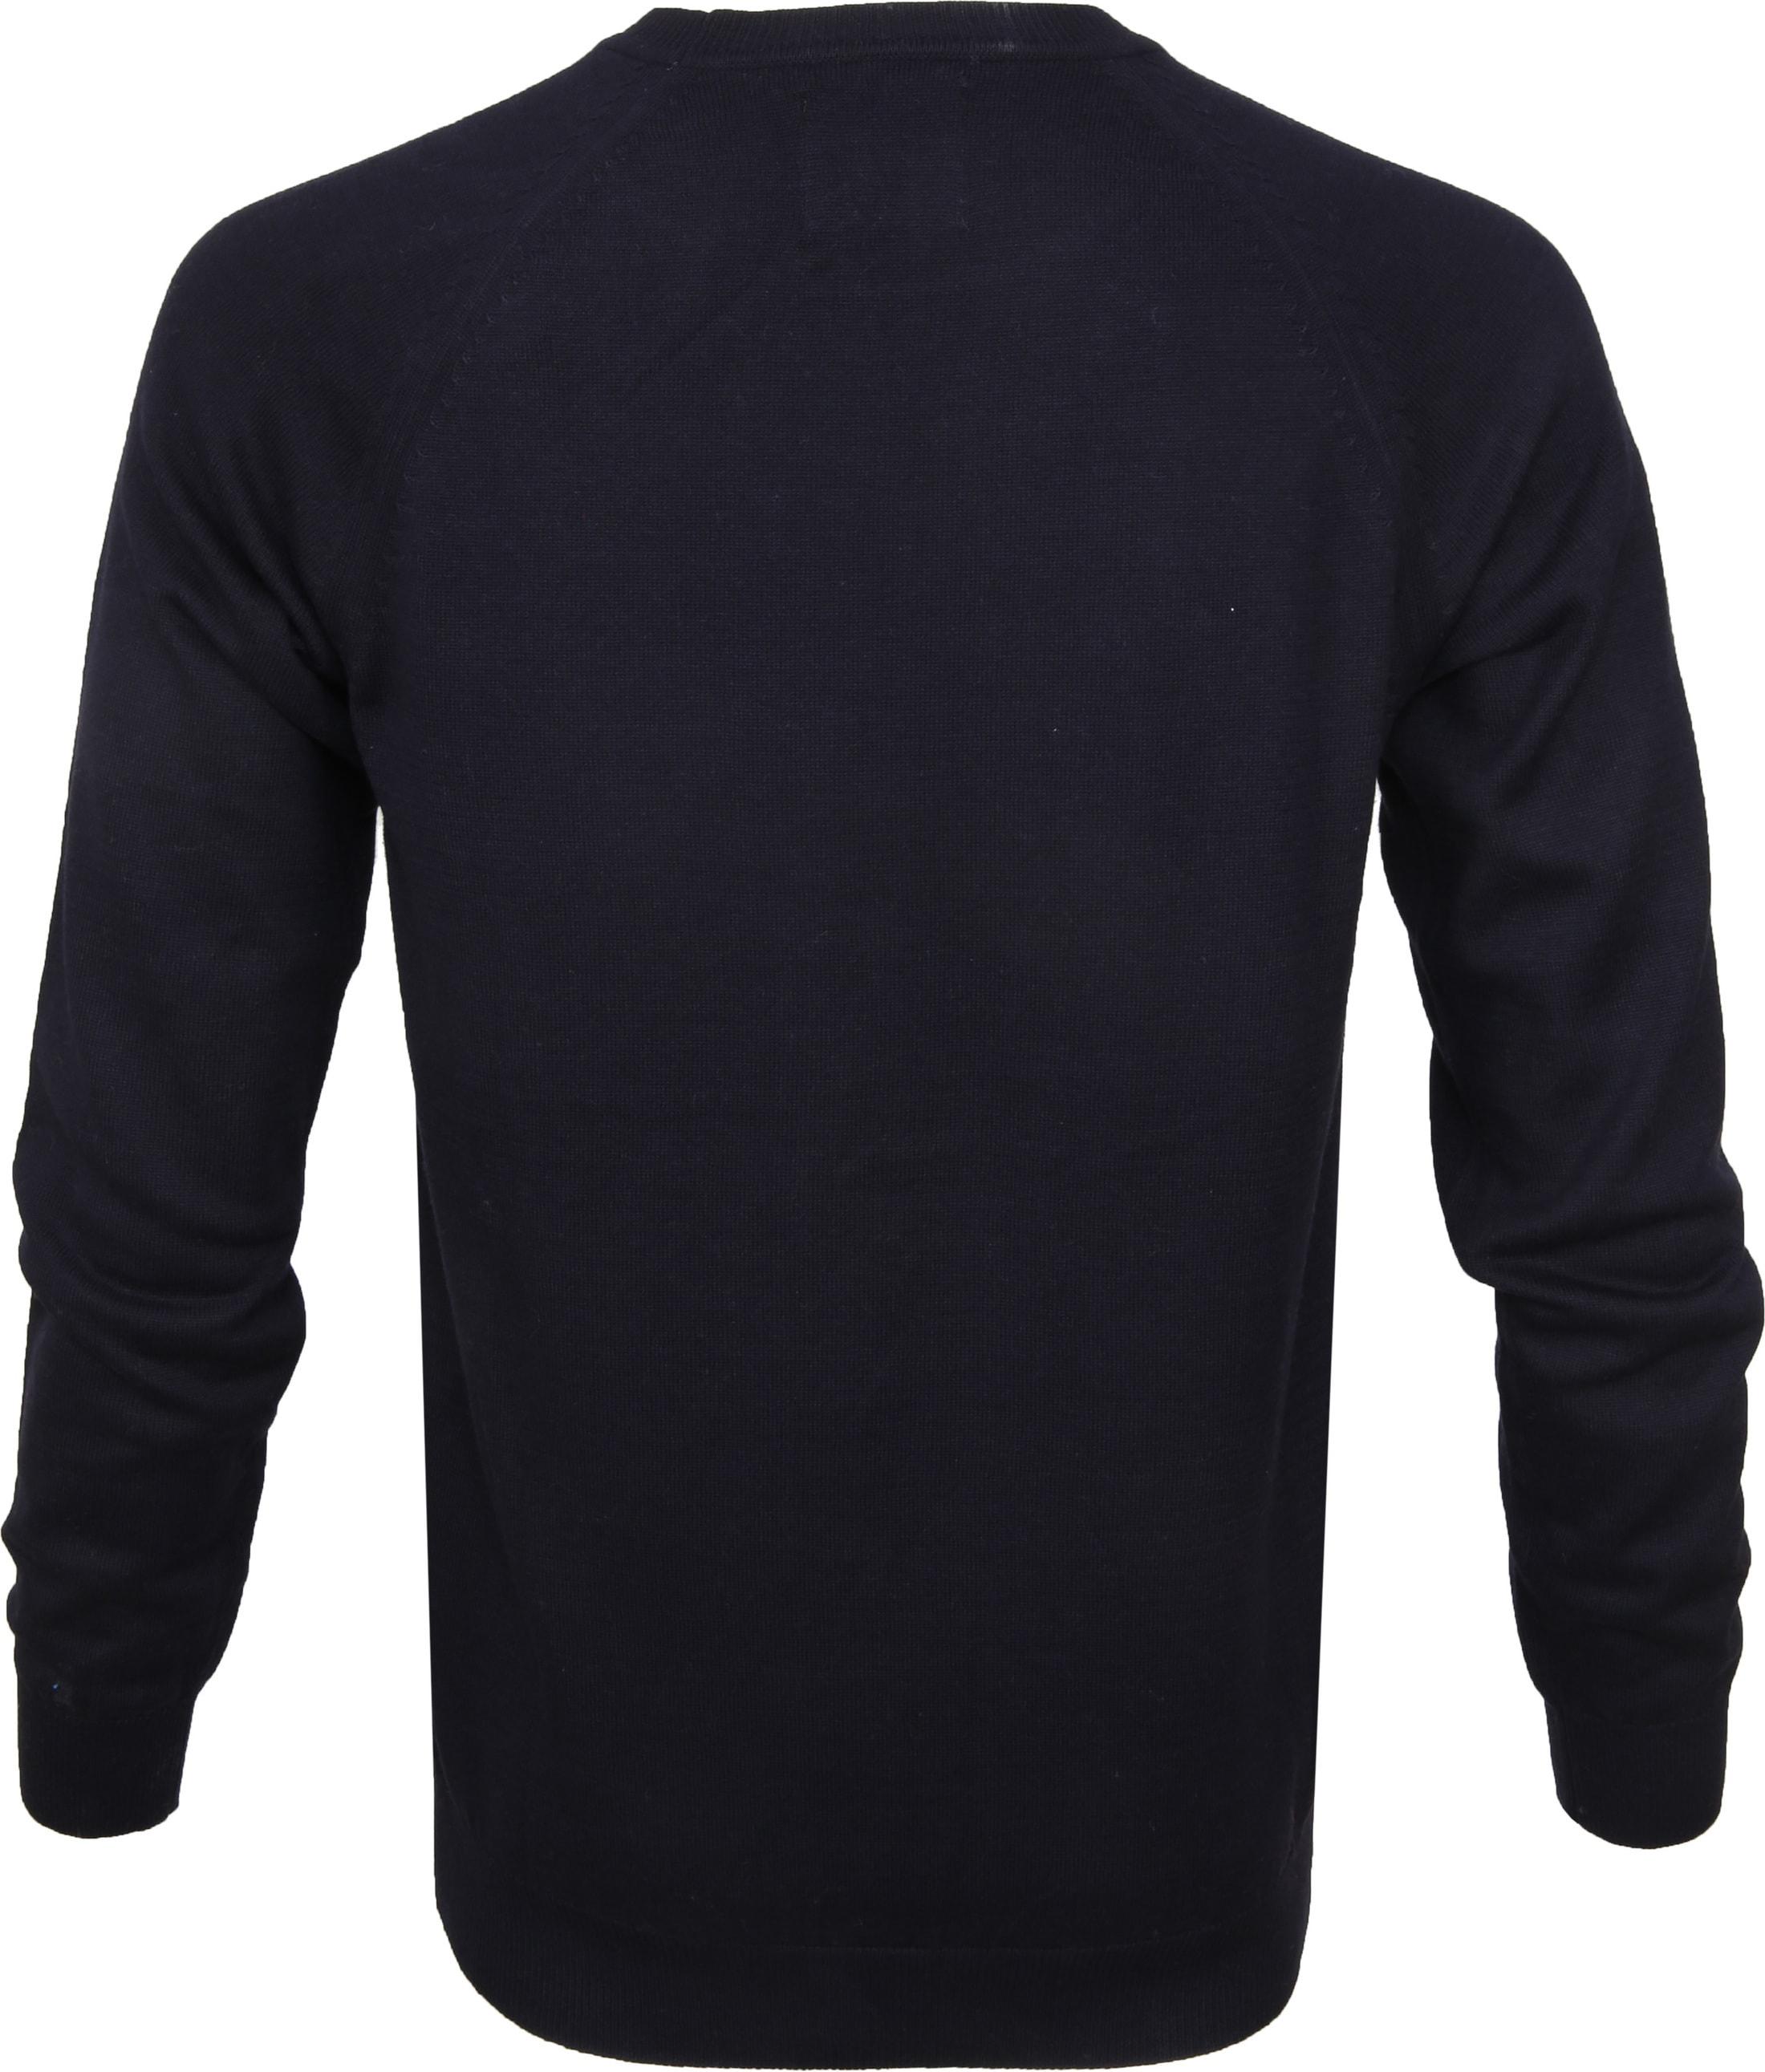 Suitable Sweater Ben Navy foto 2